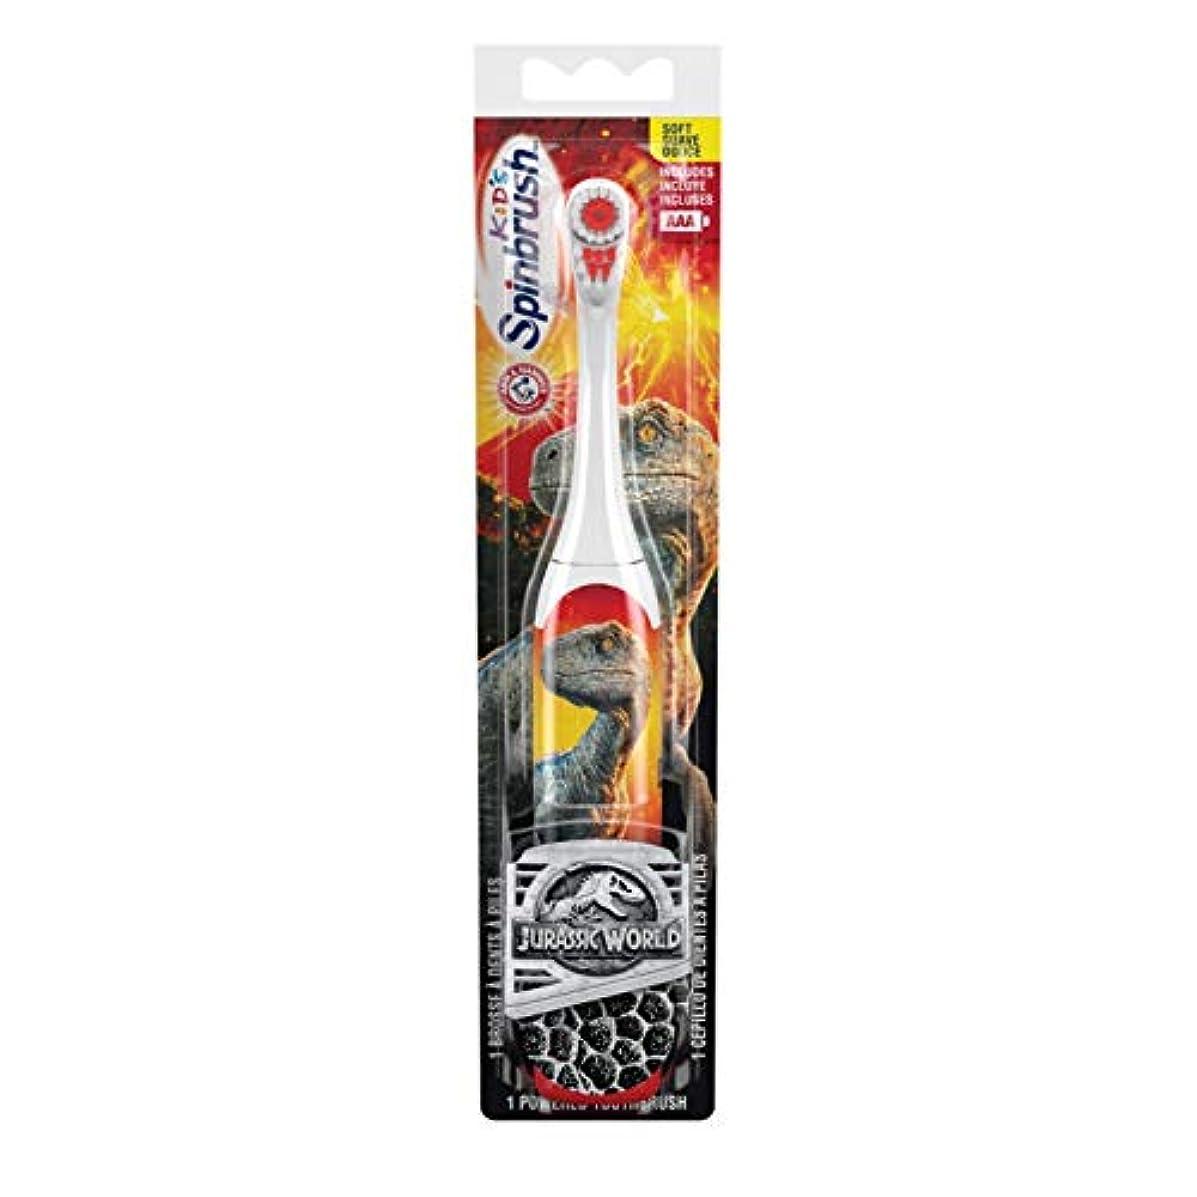 地質学すすり泣き説明する海外直送品 お子様用ジェラシックワールド電動歯ブラシ 〈ソフト〉 ARM & HAMMER™ Spinbrush™ Jurrassic World 1 Powerd Thoothblash Soft